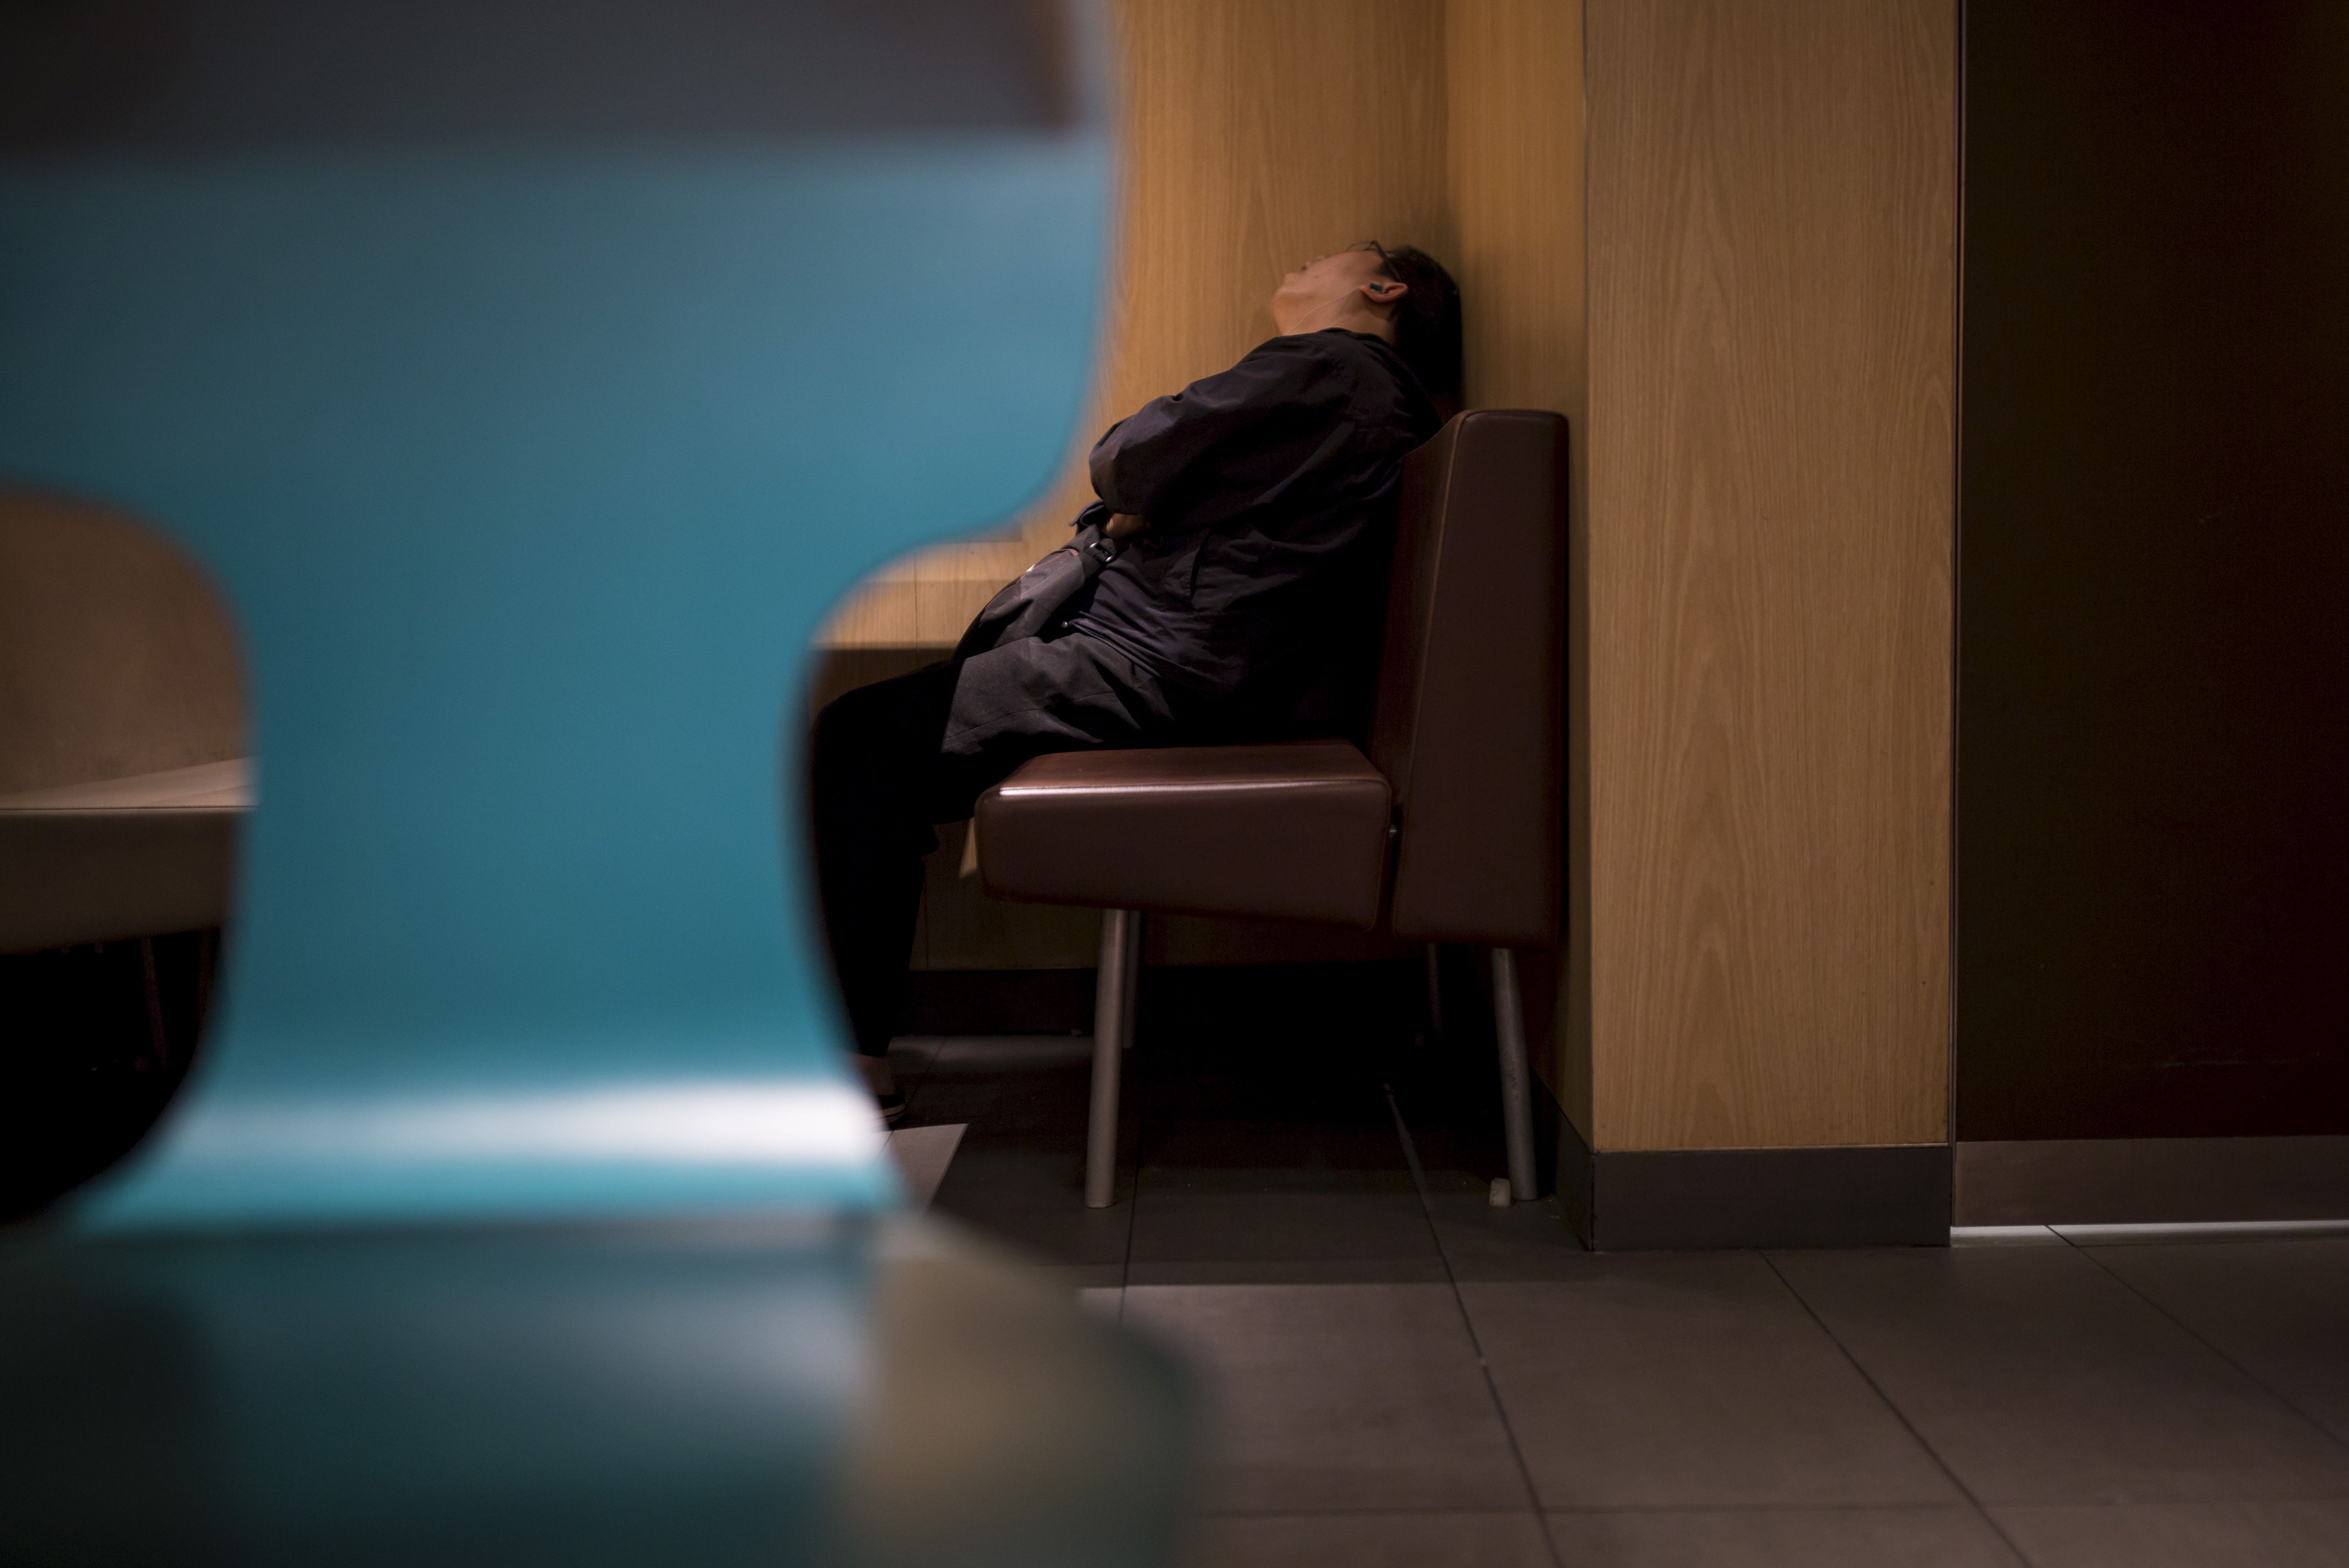 La ministre des Affaires sociales Marisol Touraine a laissé entendre mercredi que le gouvernement ne s'engagerait pas dans la voie risquée consistant à revoir le mode de calcul des retraites des fonctionnaires. La ministre des Affaires sociales Marisol To